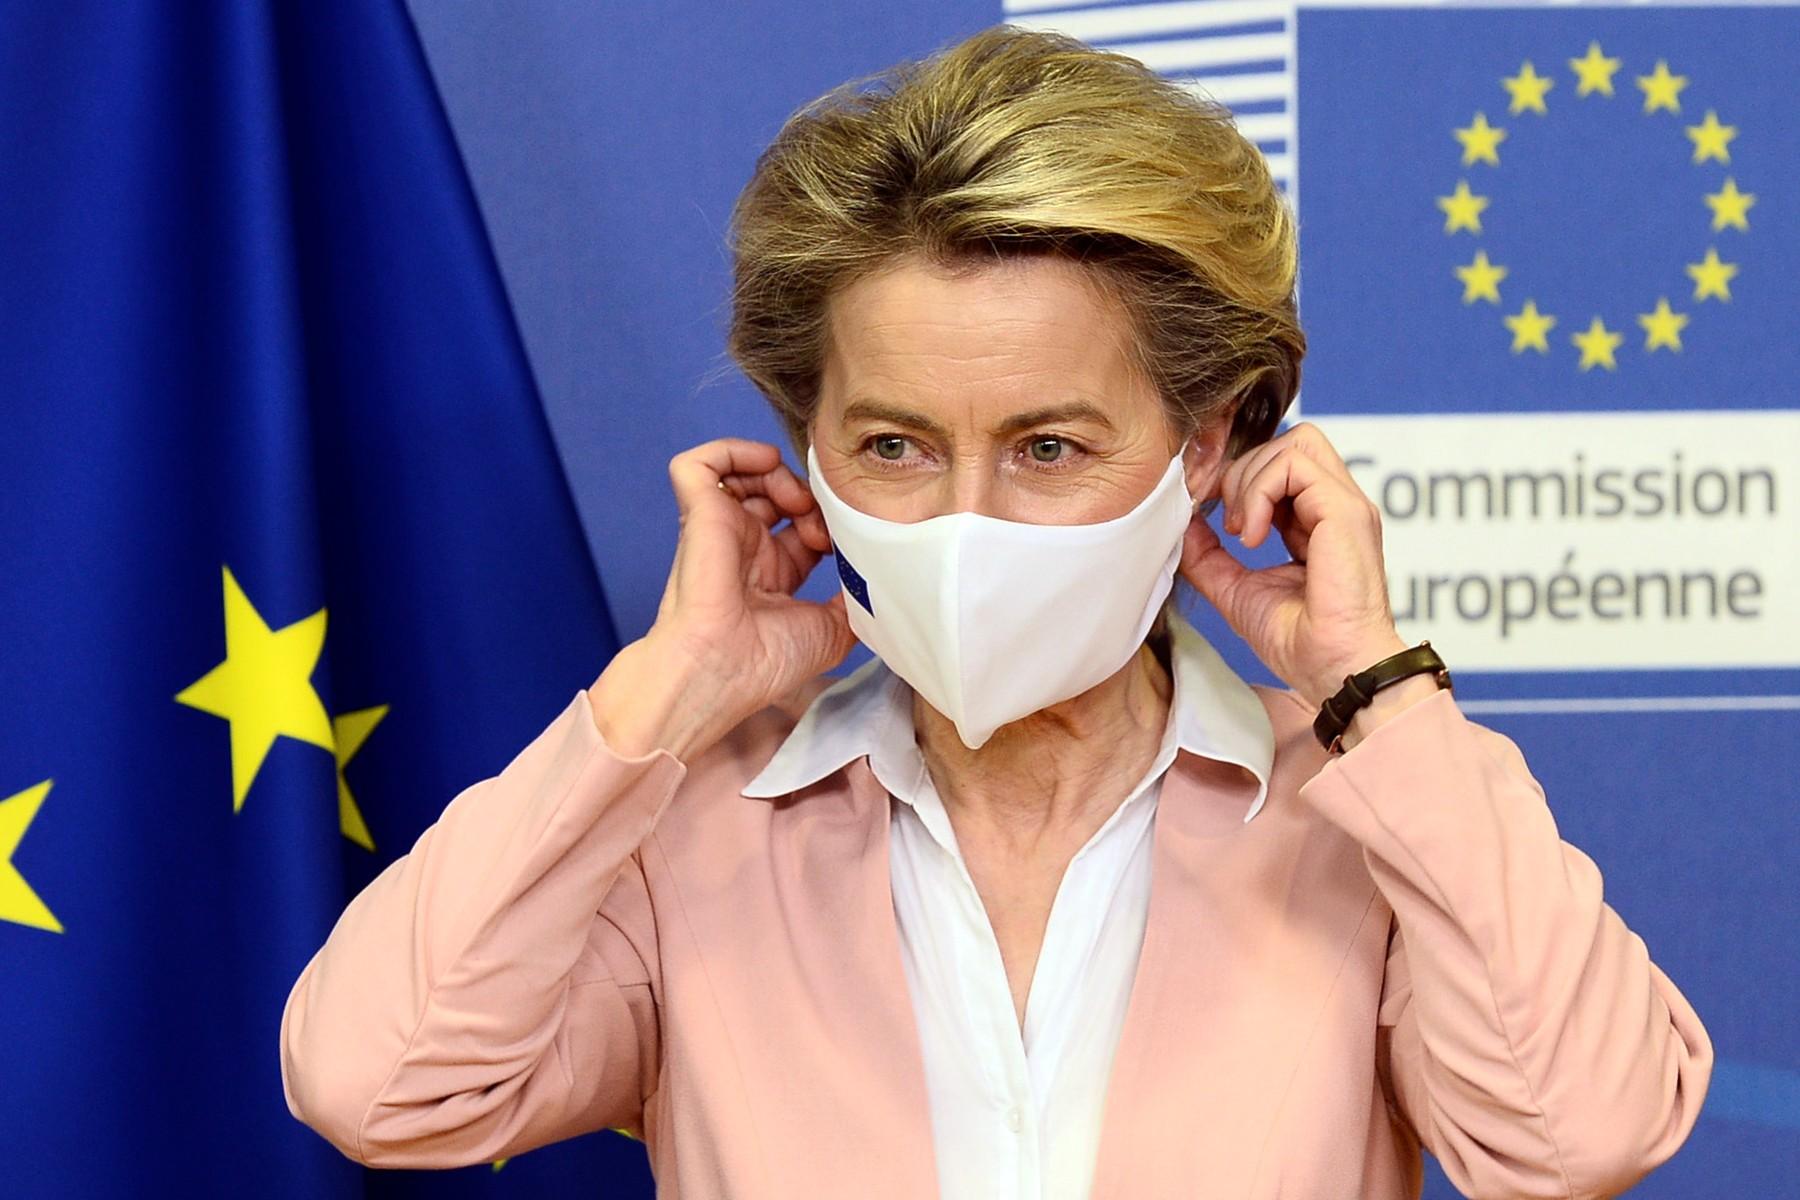 """Ursula von der Leyen cere clarificări privind parteneriatul AUKUS. """"Există multe întrebări la care trebuie să fie oferite răspunsuri"""""""